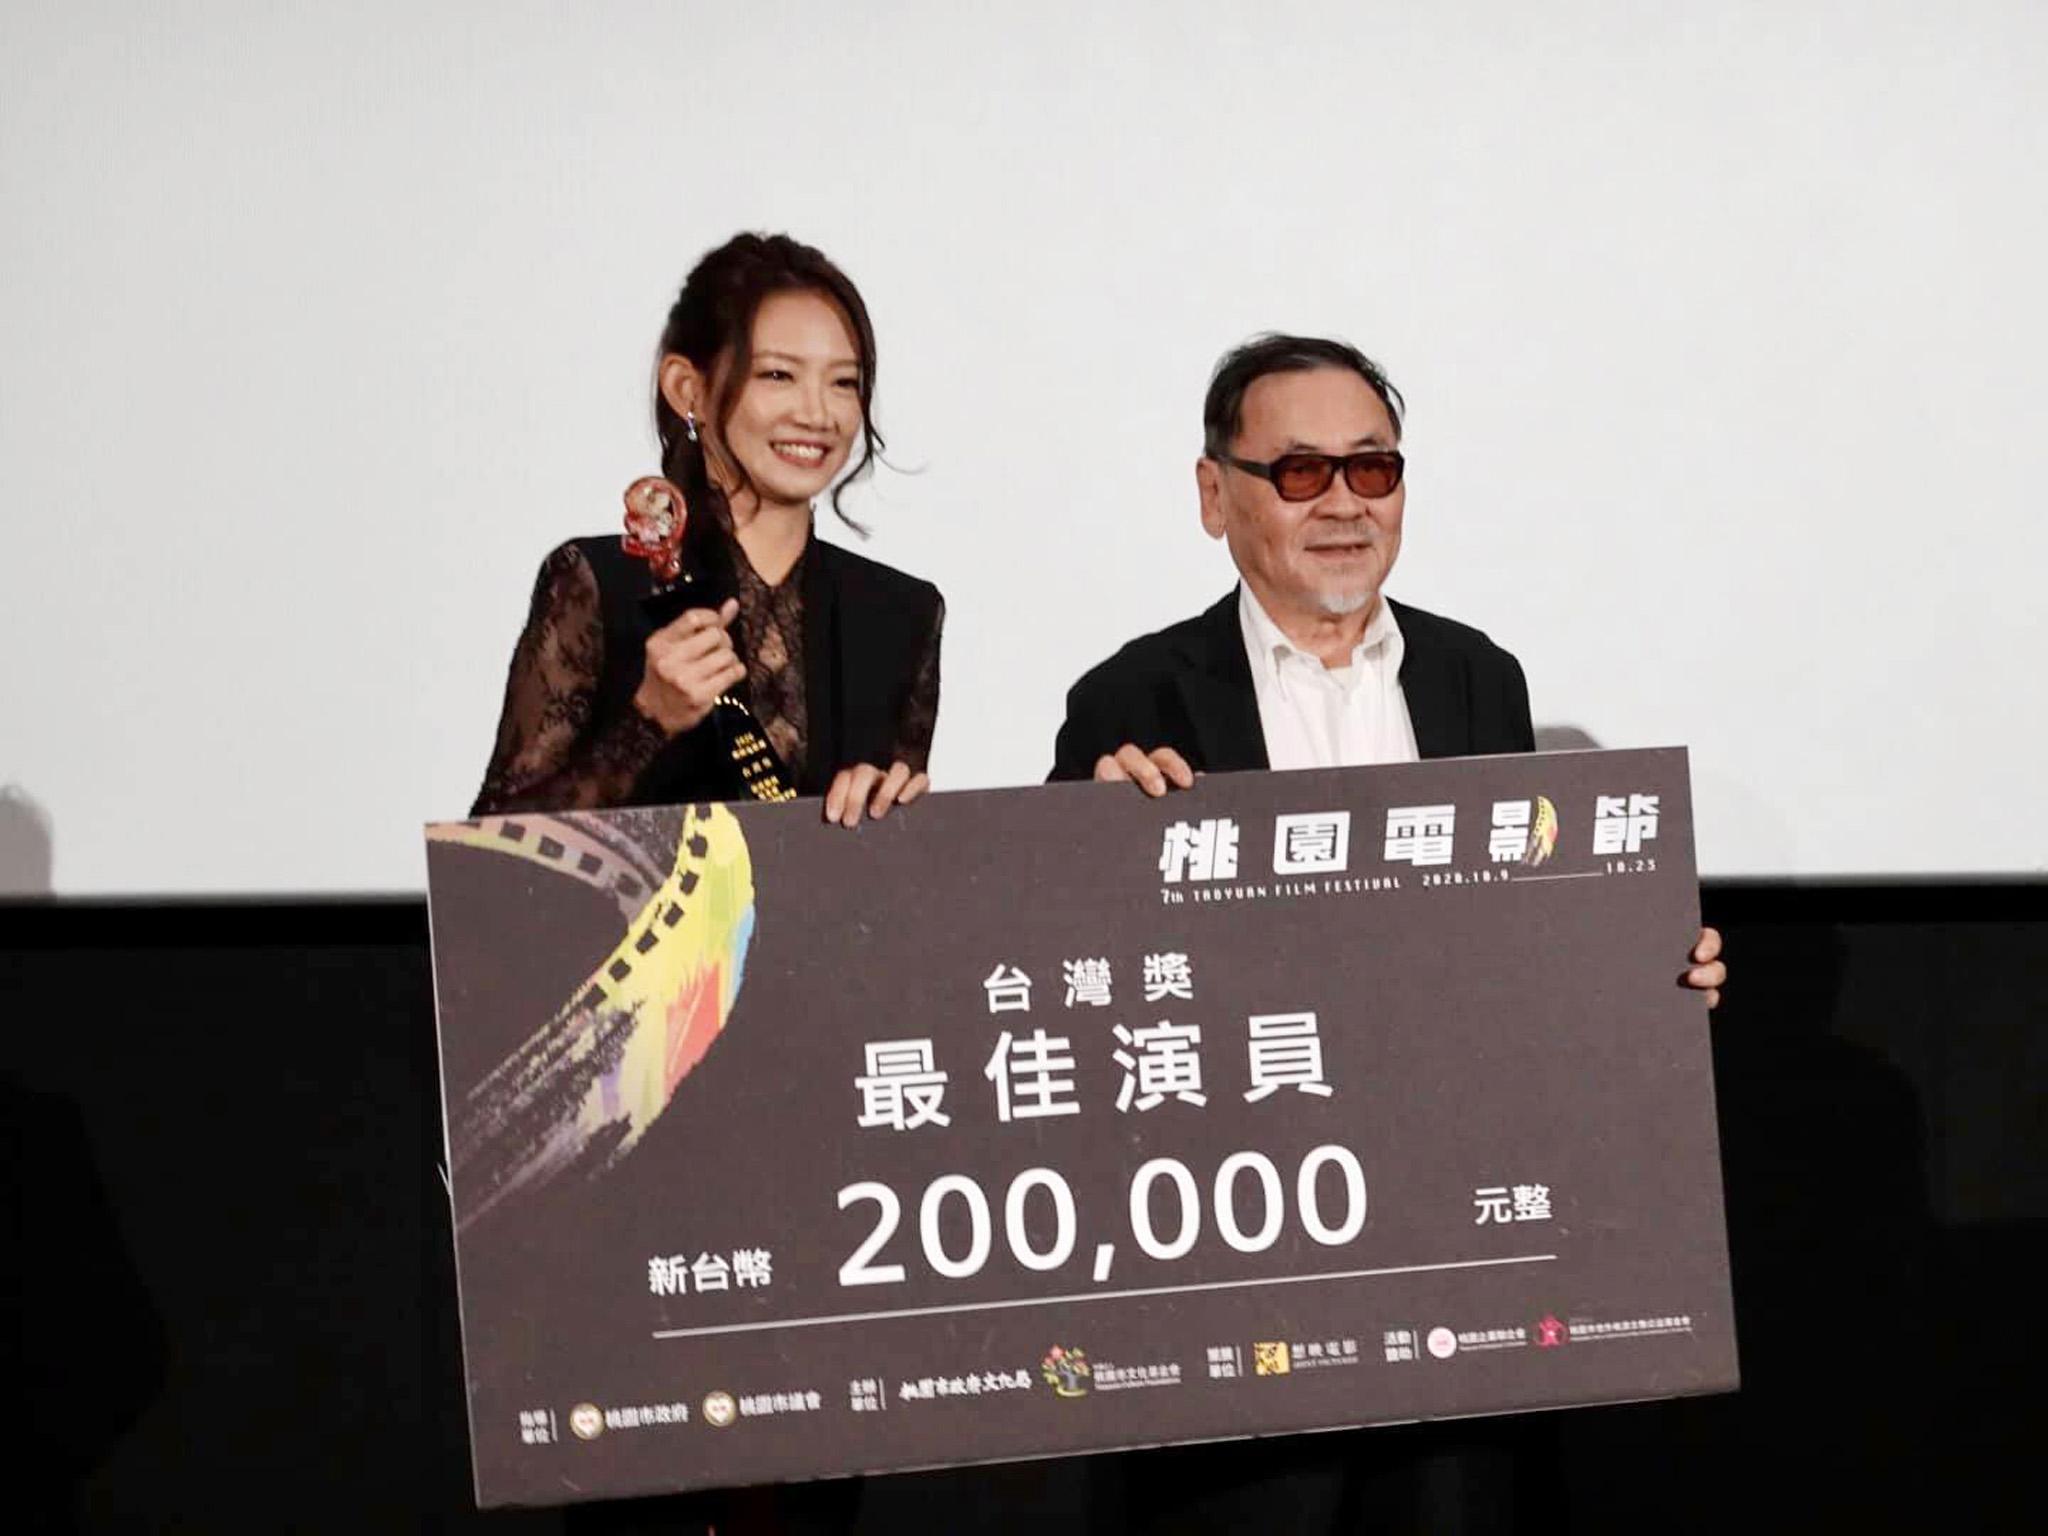 獲得桃園電影節台灣獎最佳演員。